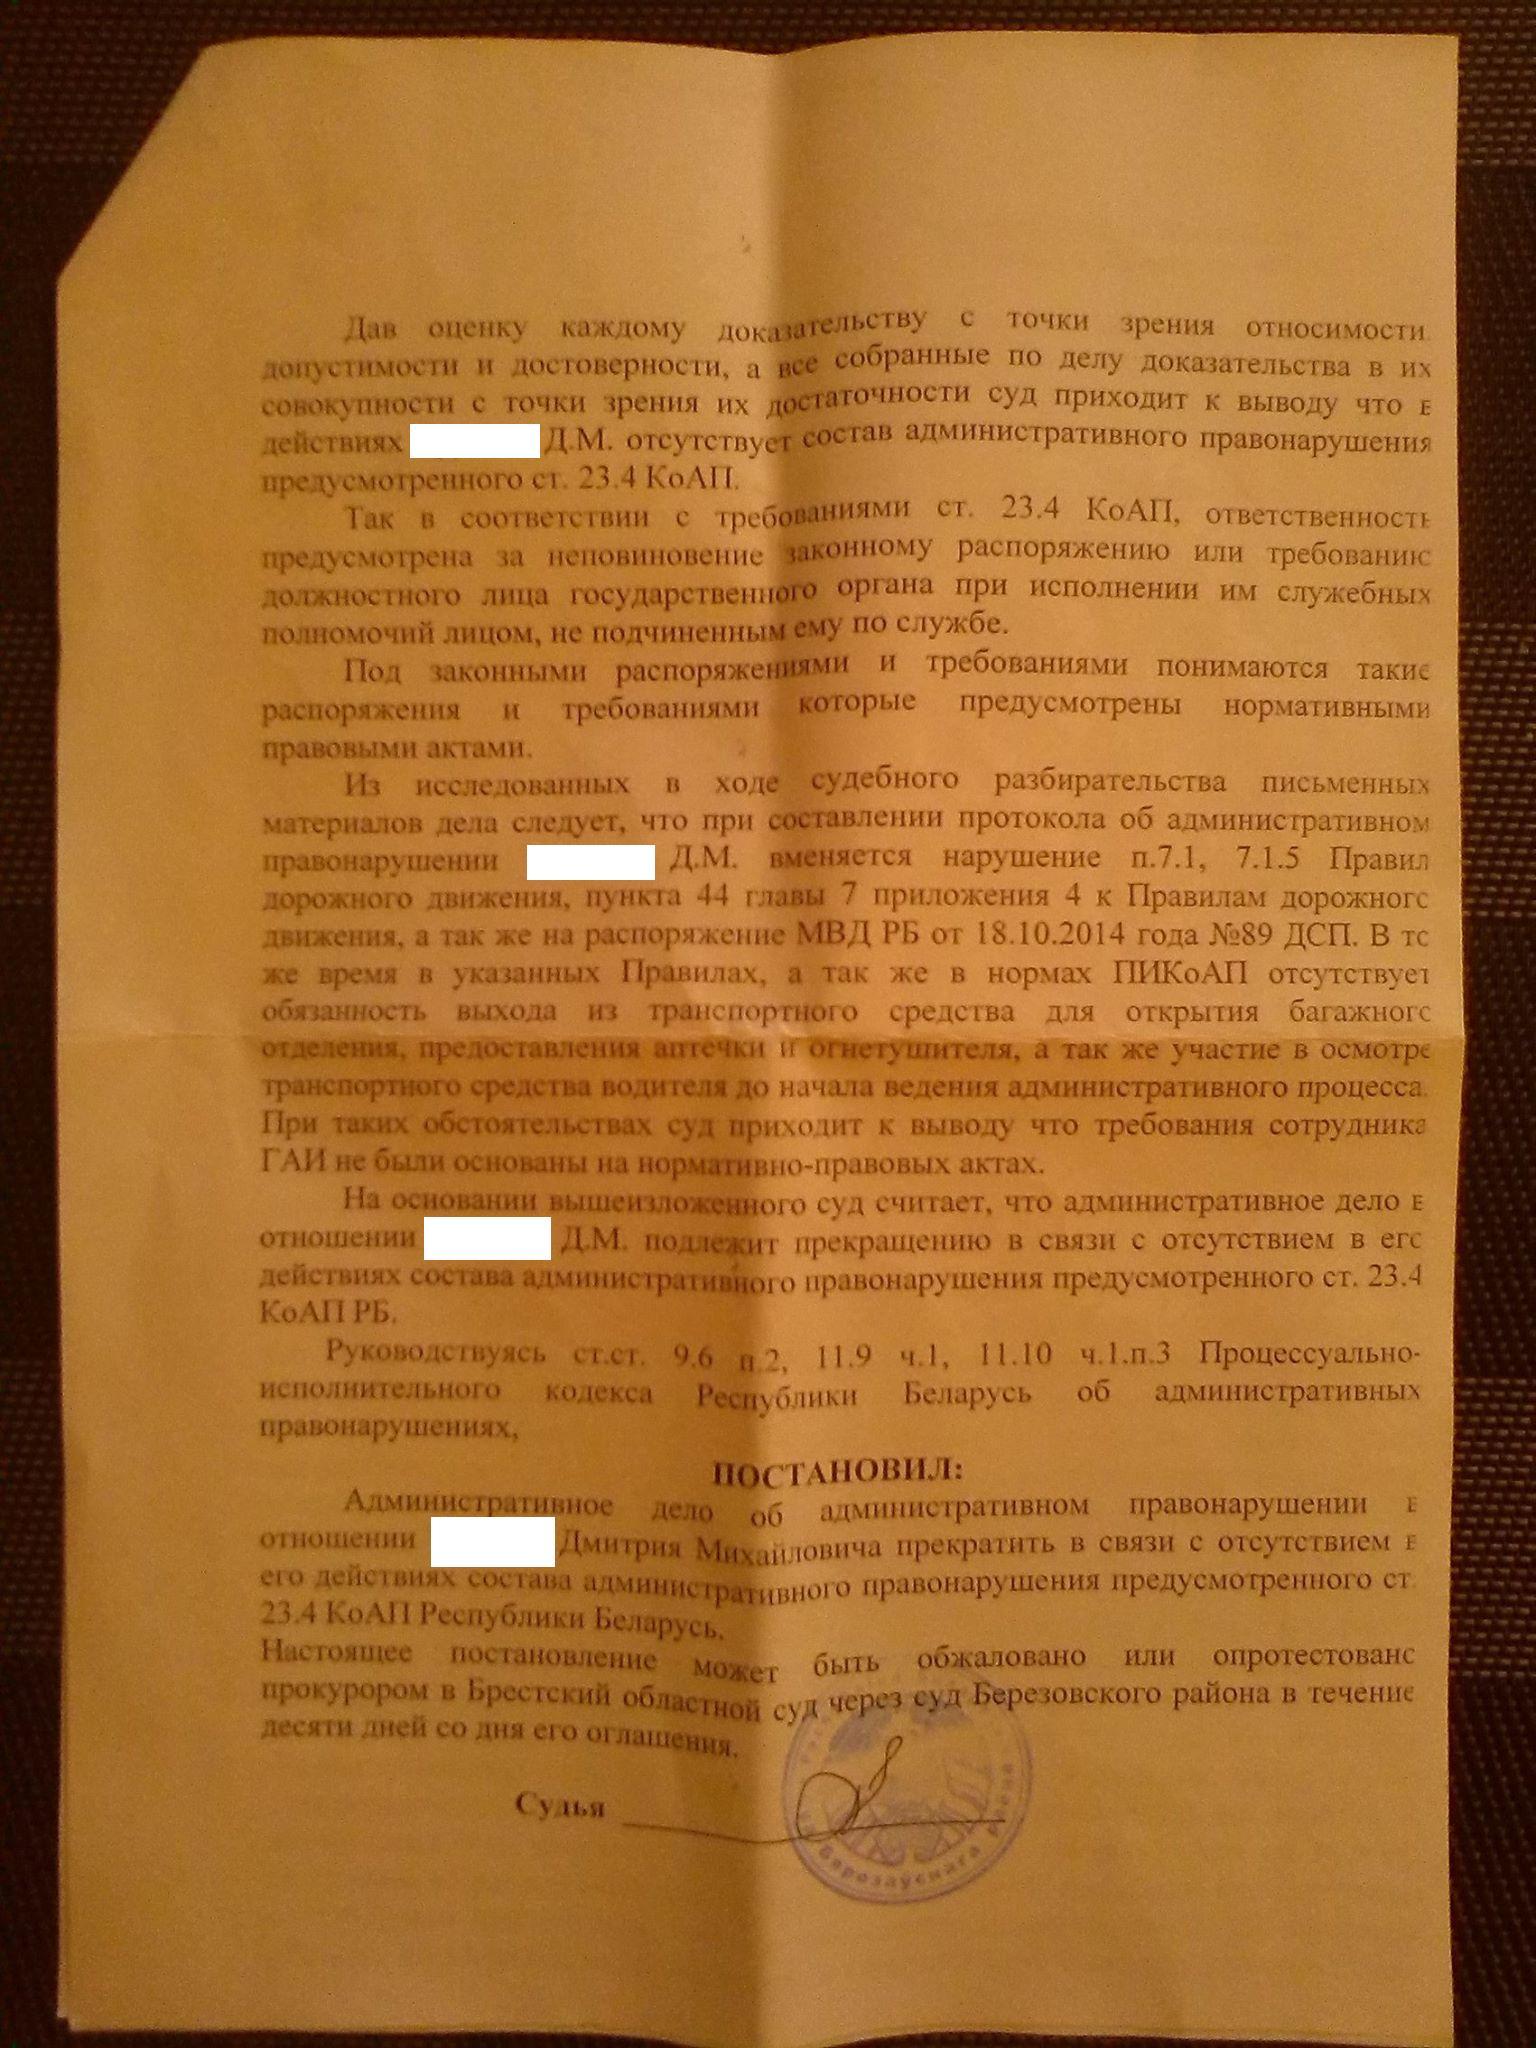 постановление суд Березовского района по 23.34 КоАП, постановление о прекращении дела по 23,34 КоАП